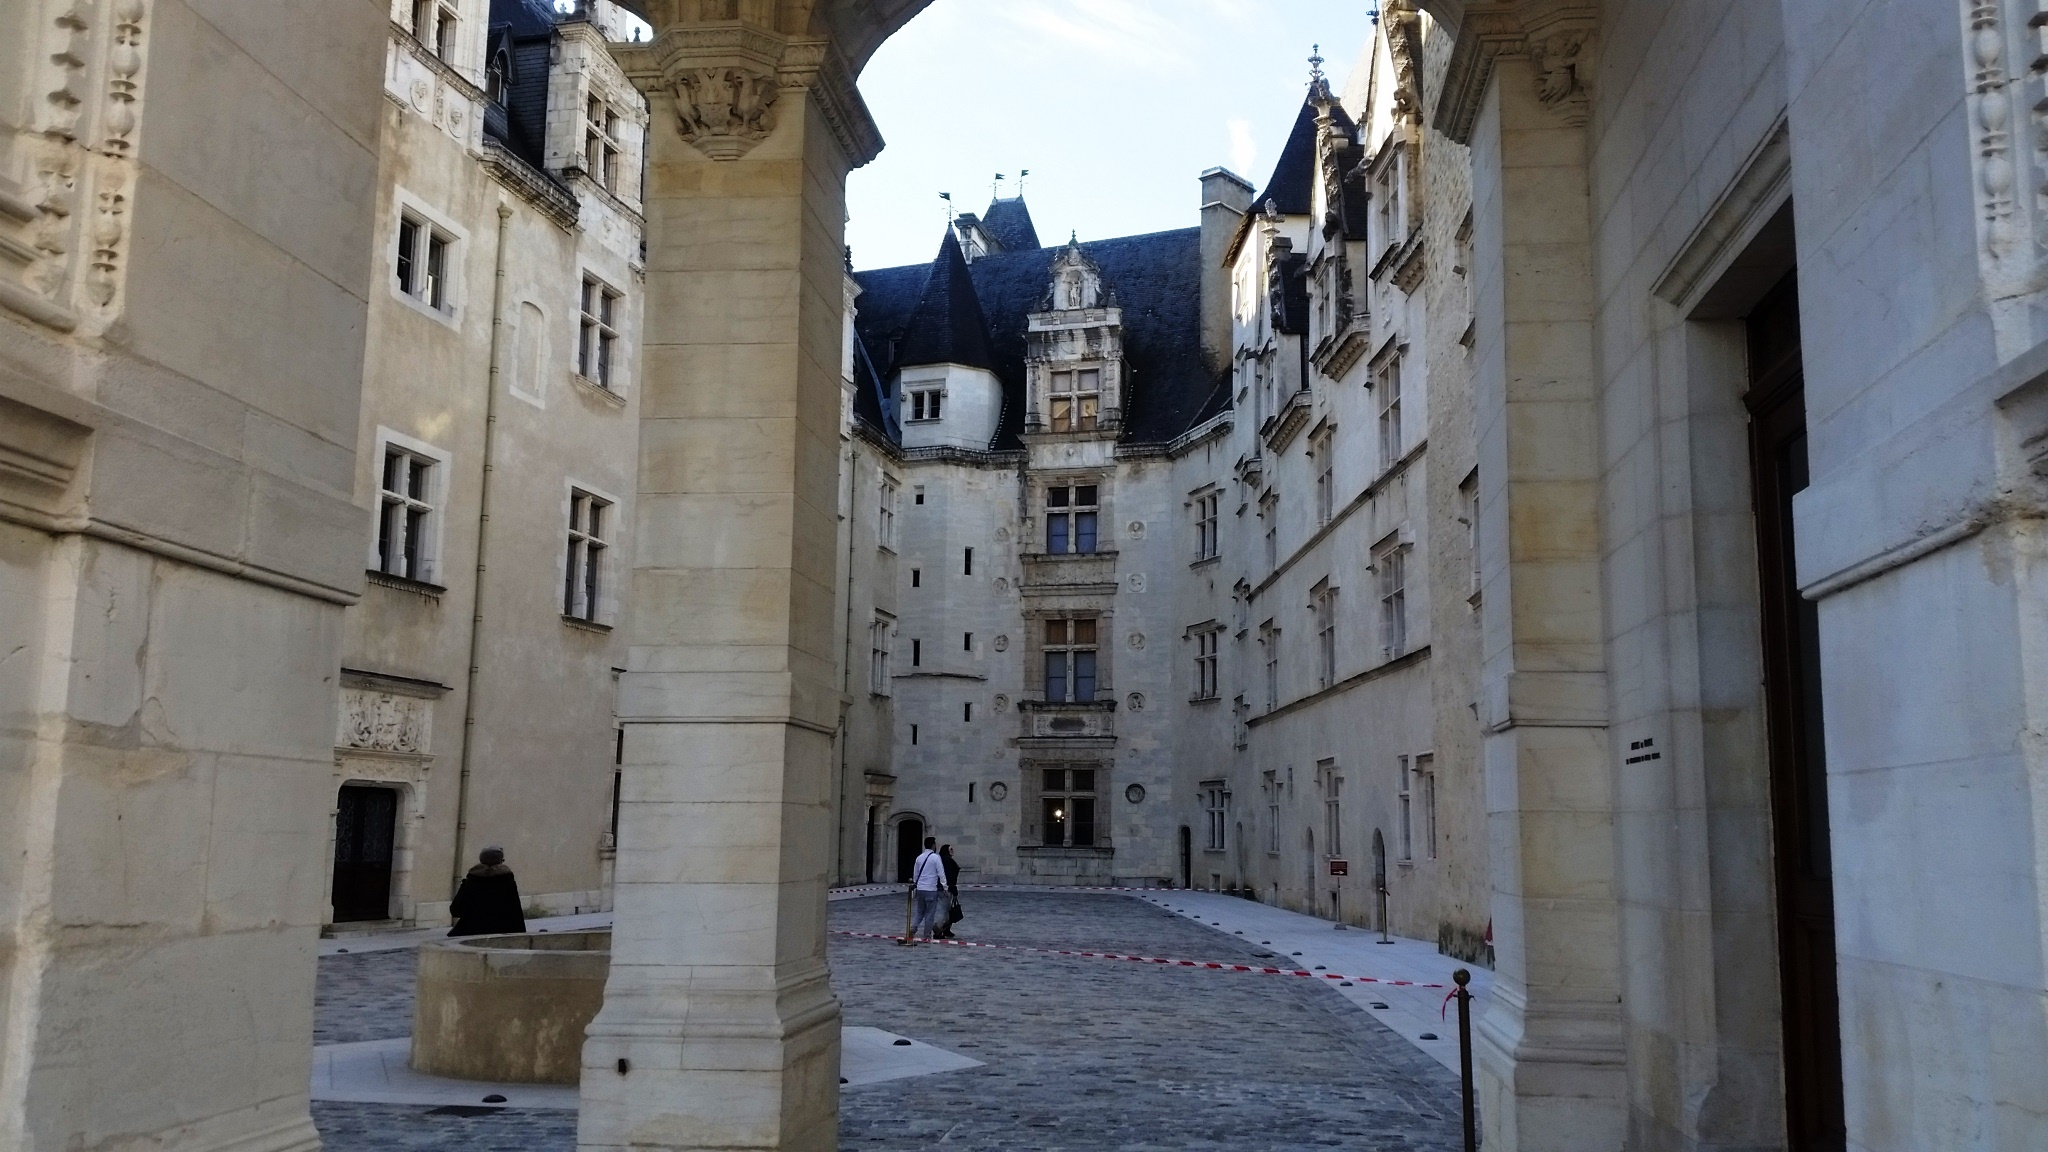 Pau Renaissance-style castle